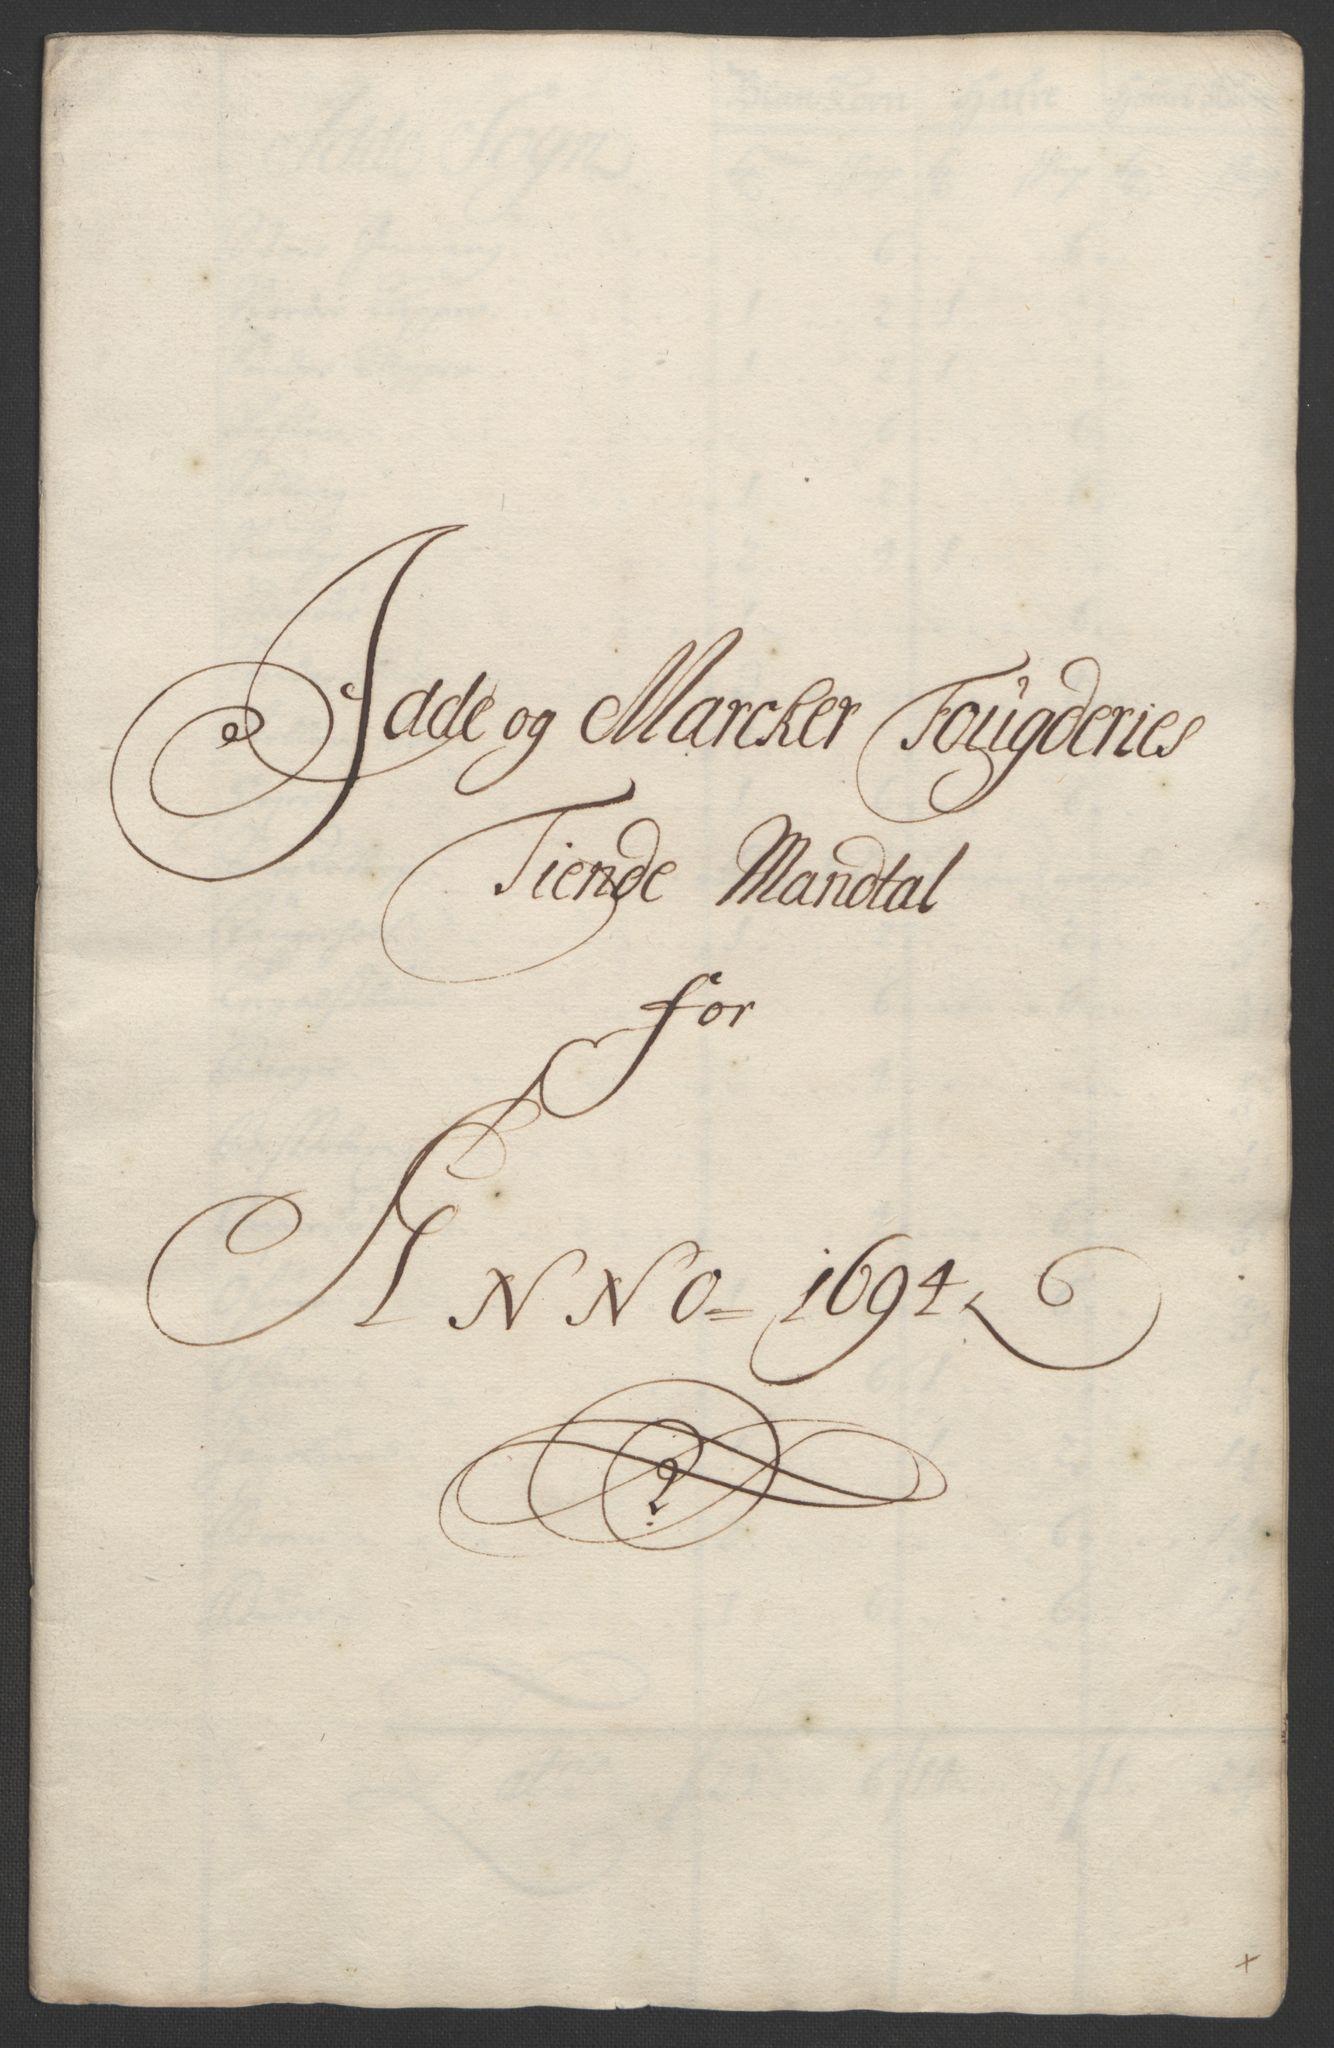 RA, Rentekammeret inntil 1814, Reviderte regnskaper, Fogderegnskap, R01/L0012: Fogderegnskap Idd og Marker, 1694-1695, s. 35